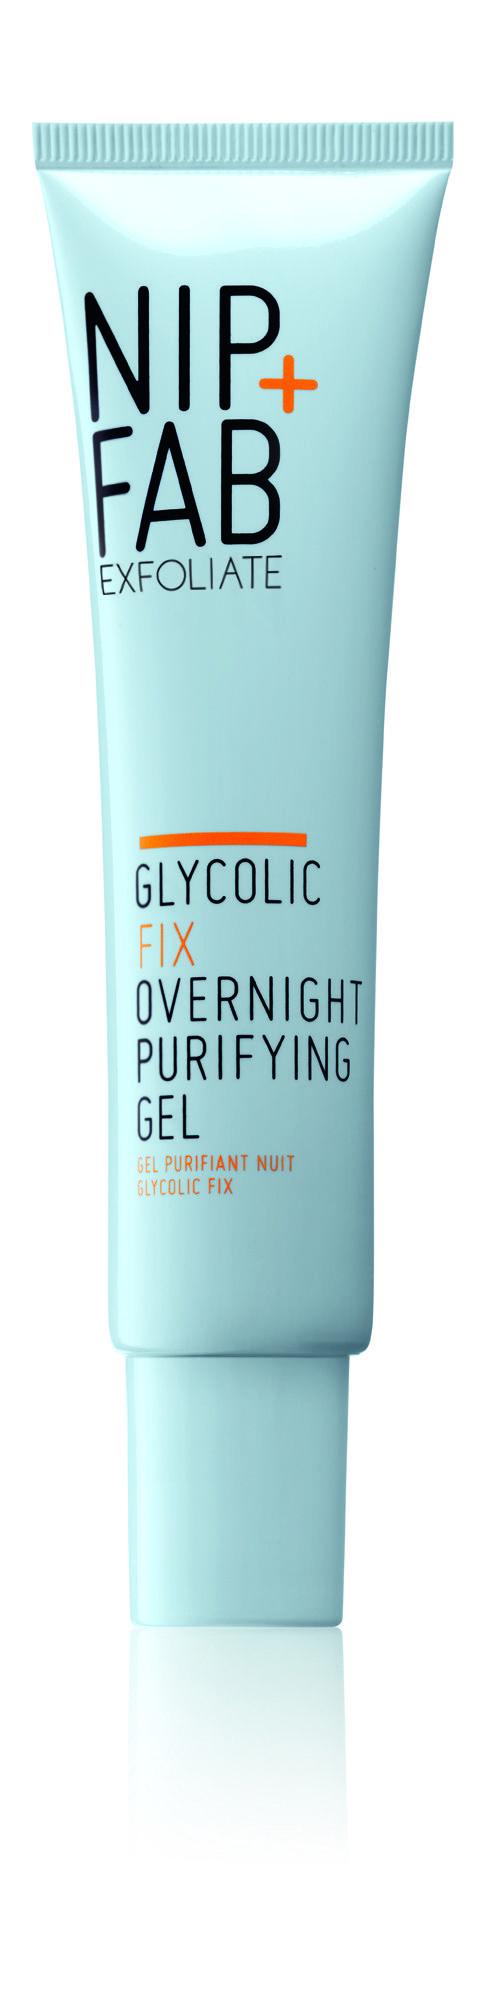 Μια θεραπεία νύχτας για θαμπές και λιπαρές επιδερμίδες. Το γλυκολικό και σαλικυλικό οξύ συνδυάζονται για να καθαρίσουν το δέρμα και τους πόρους, καθώς και να προσφέρουν ανόρθωση τους δέρματος. Το π…